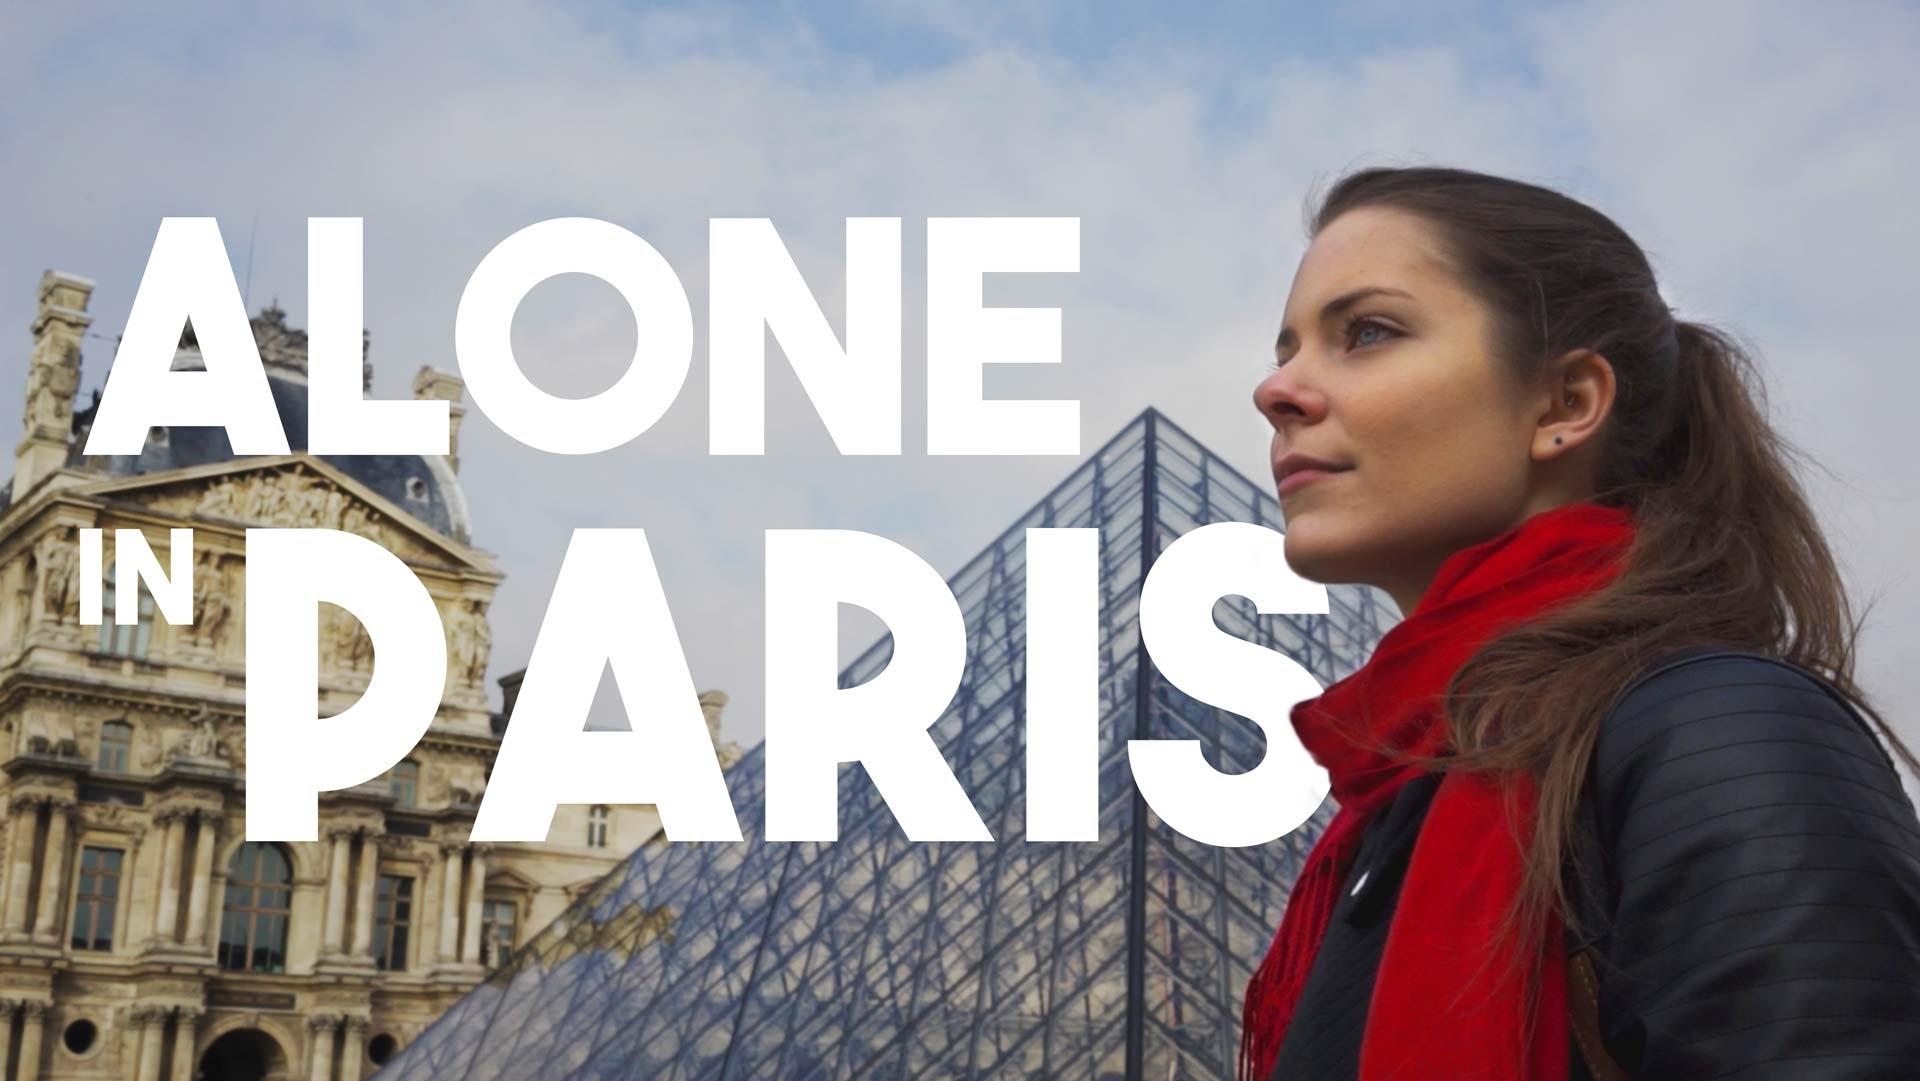 """爷爱怀旧 这座城市被你承包了 创意特效短片""""独逛巴黎"""" 微博@爷爱怀旧 爷爱怀旧"""